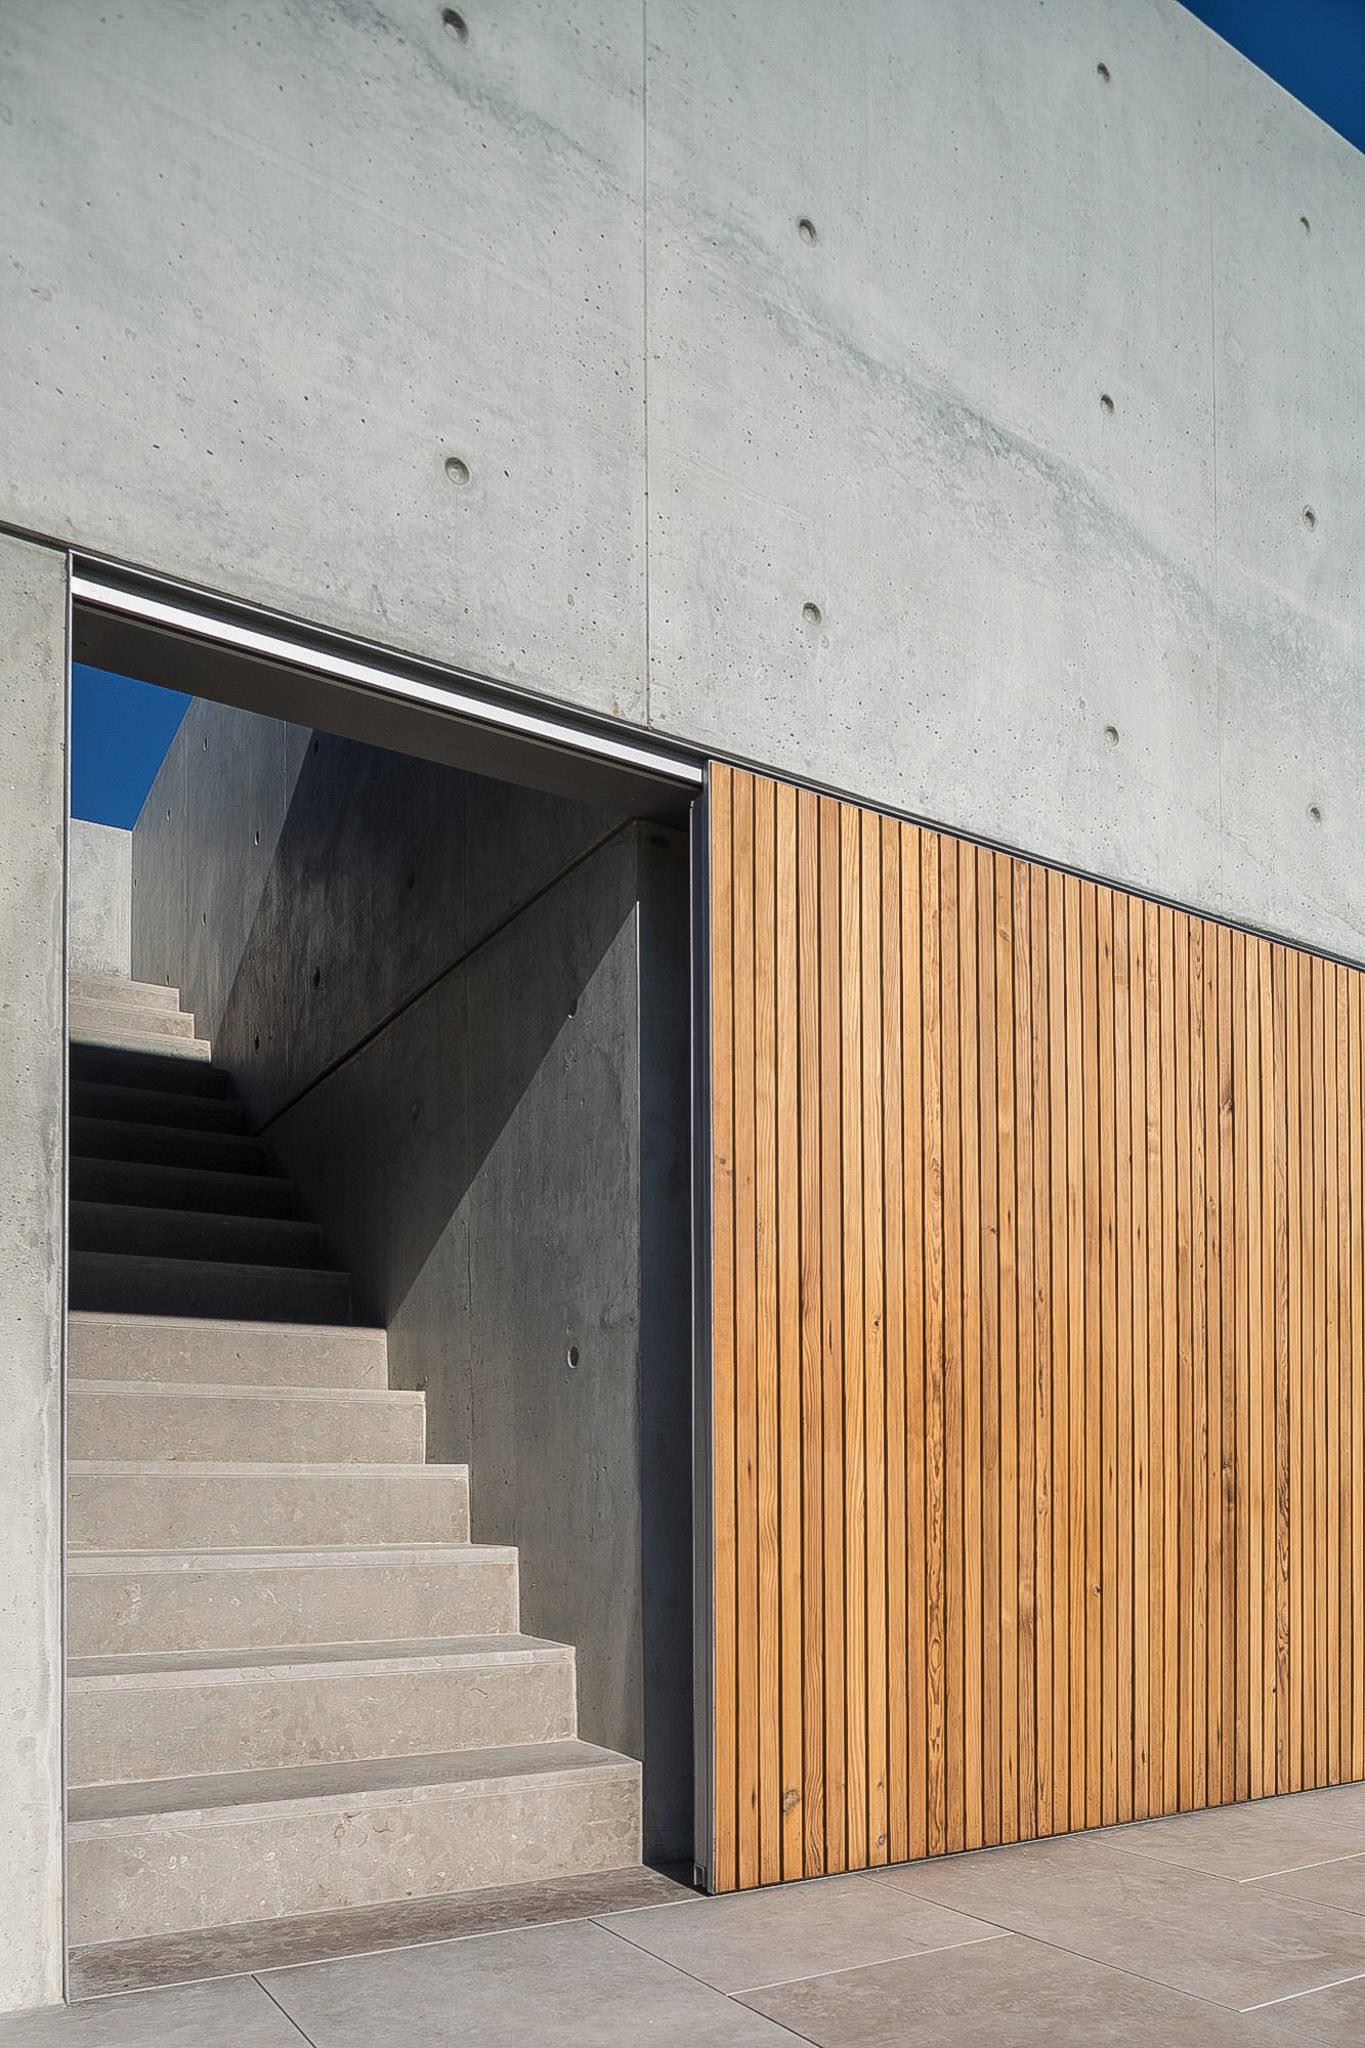 Reportagem Fotografia De Arquitectura Portuguesa Fotografo Ivo Tavares Studio Casa Em Avanca Do Atelier Nu.ma Arquitectos.